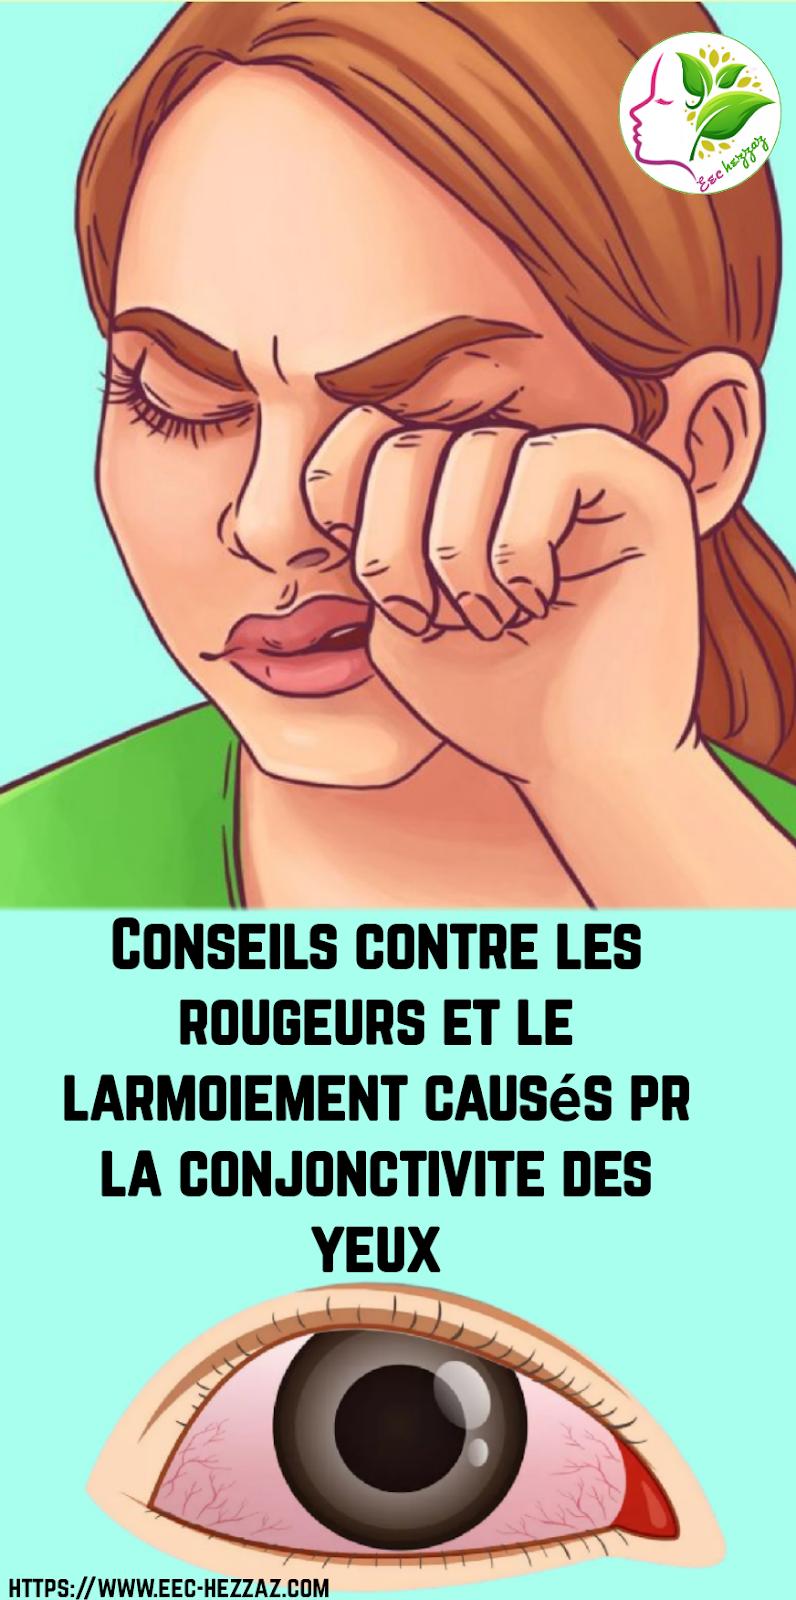 Conseils contre les rougeurs et le larmoiement causés pr la conjonctivite des yeux